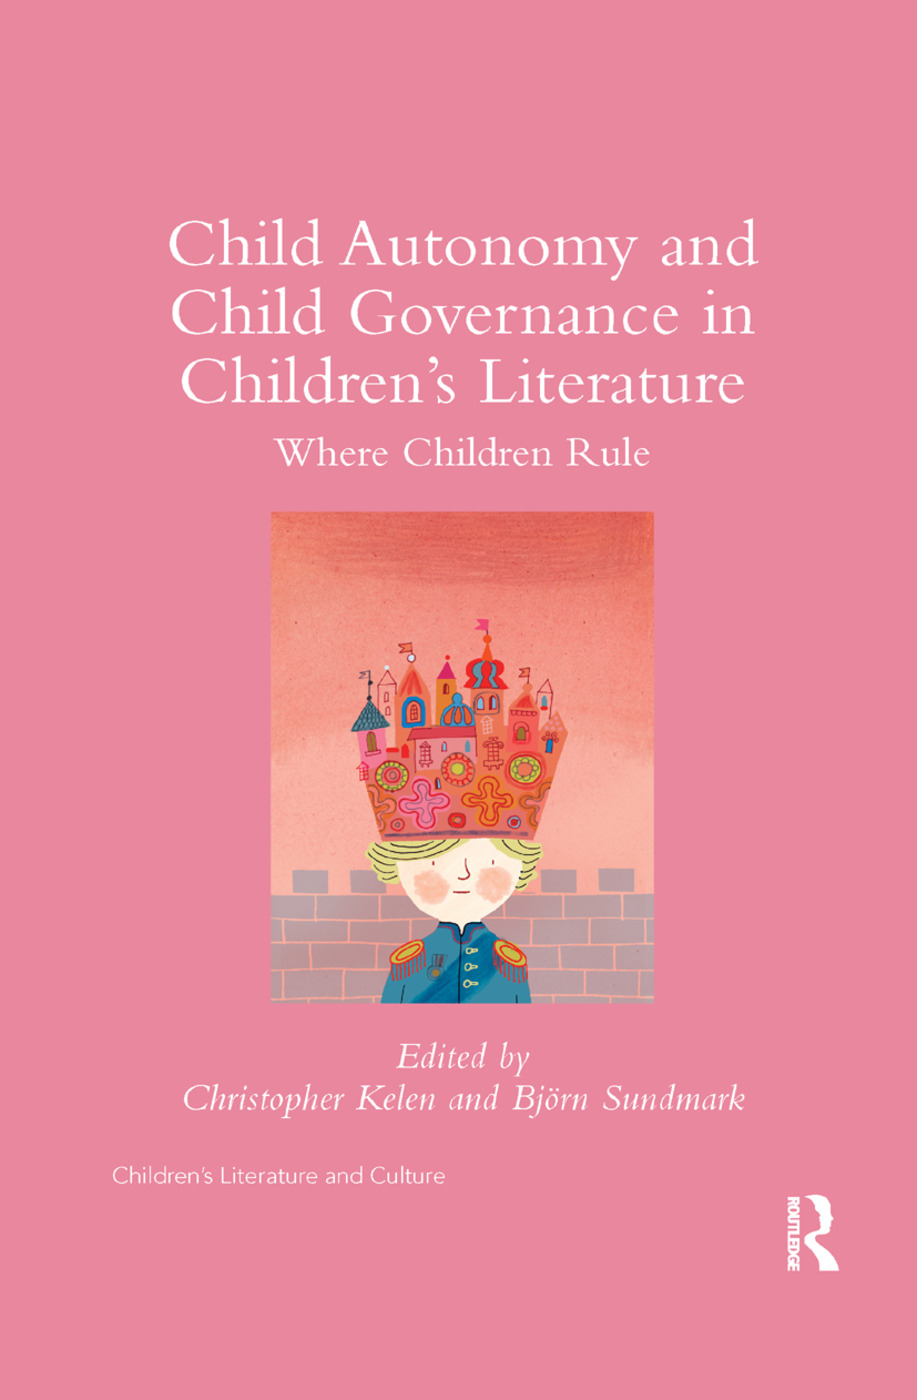 Child Autonomy and Child Governance in Children's Literature: Where Children Rule book cover